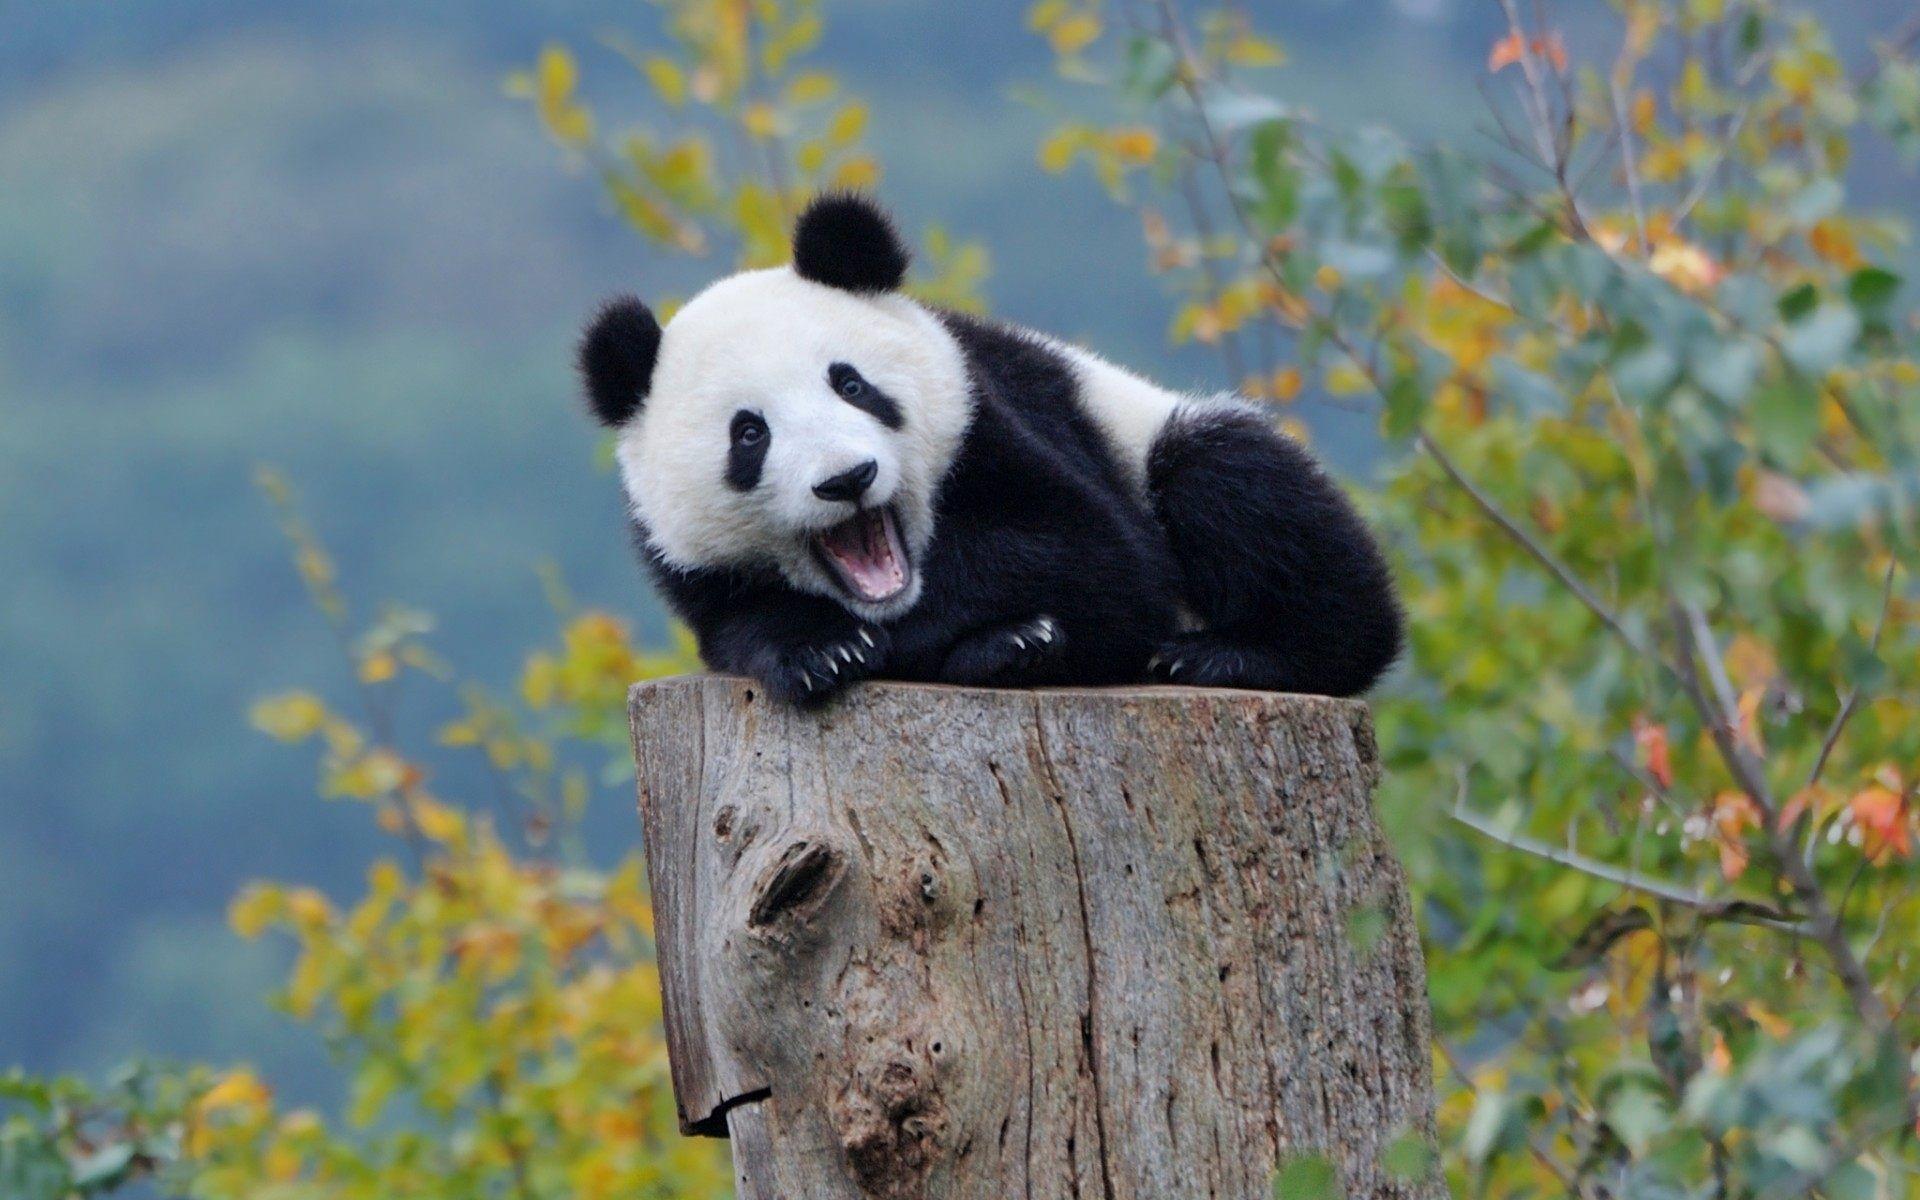 Baby Panda Cute Wallpaper For Desktop, Laptop & Mobile